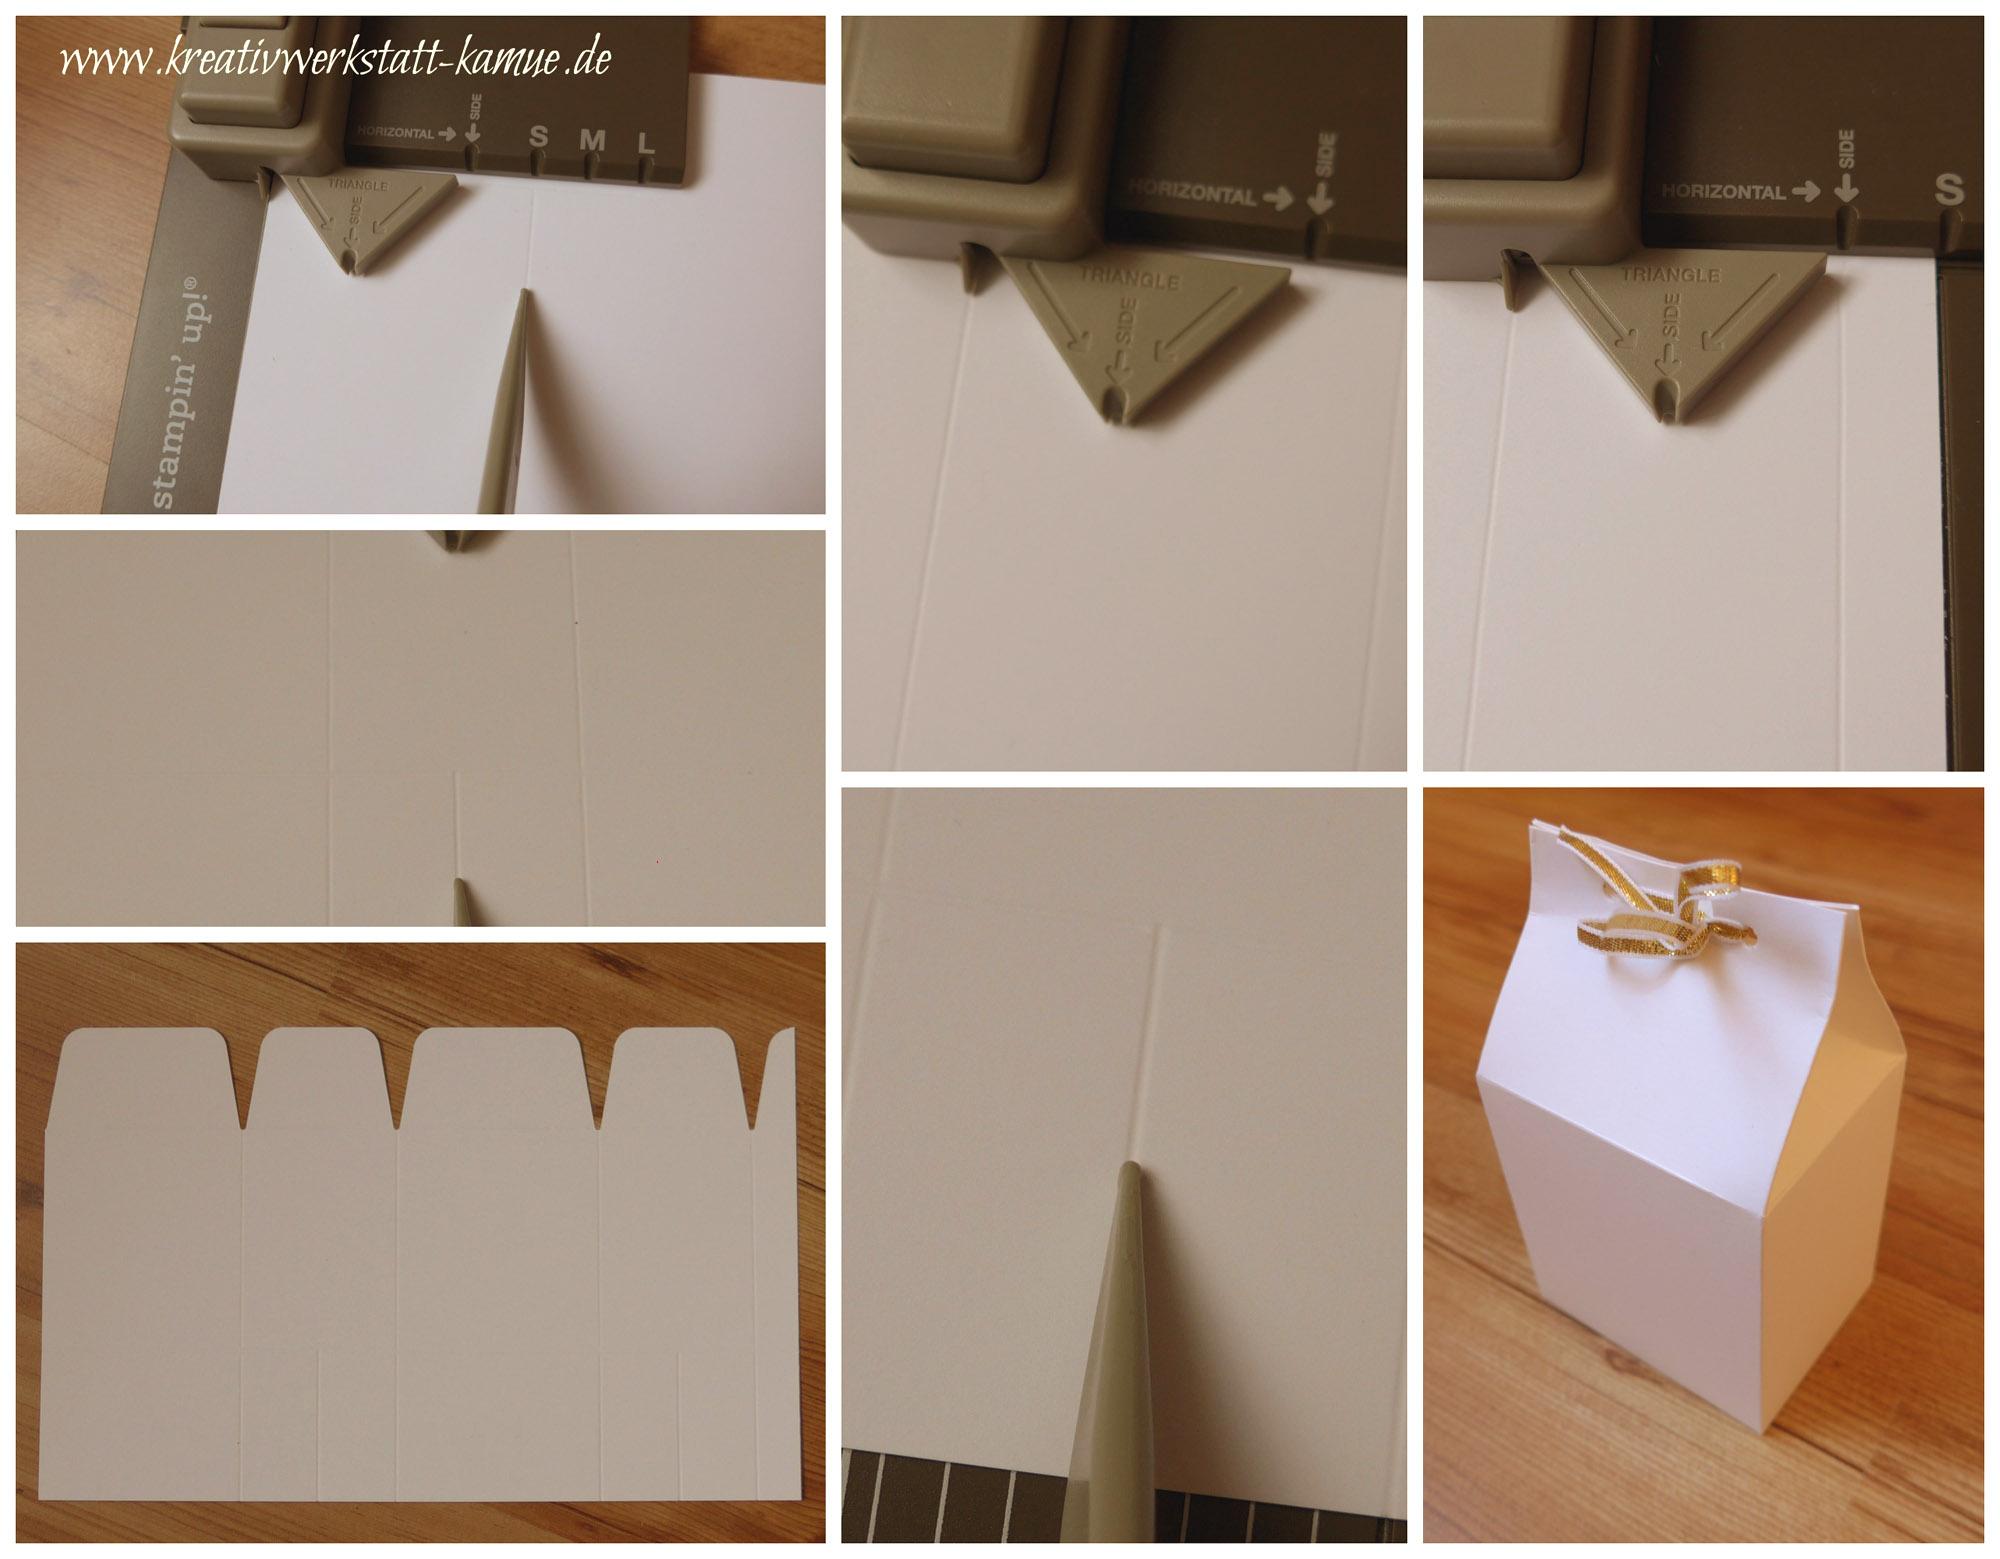 weihnachtliche verpackungen mit anleitung teil2. Black Bedroom Furniture Sets. Home Design Ideas